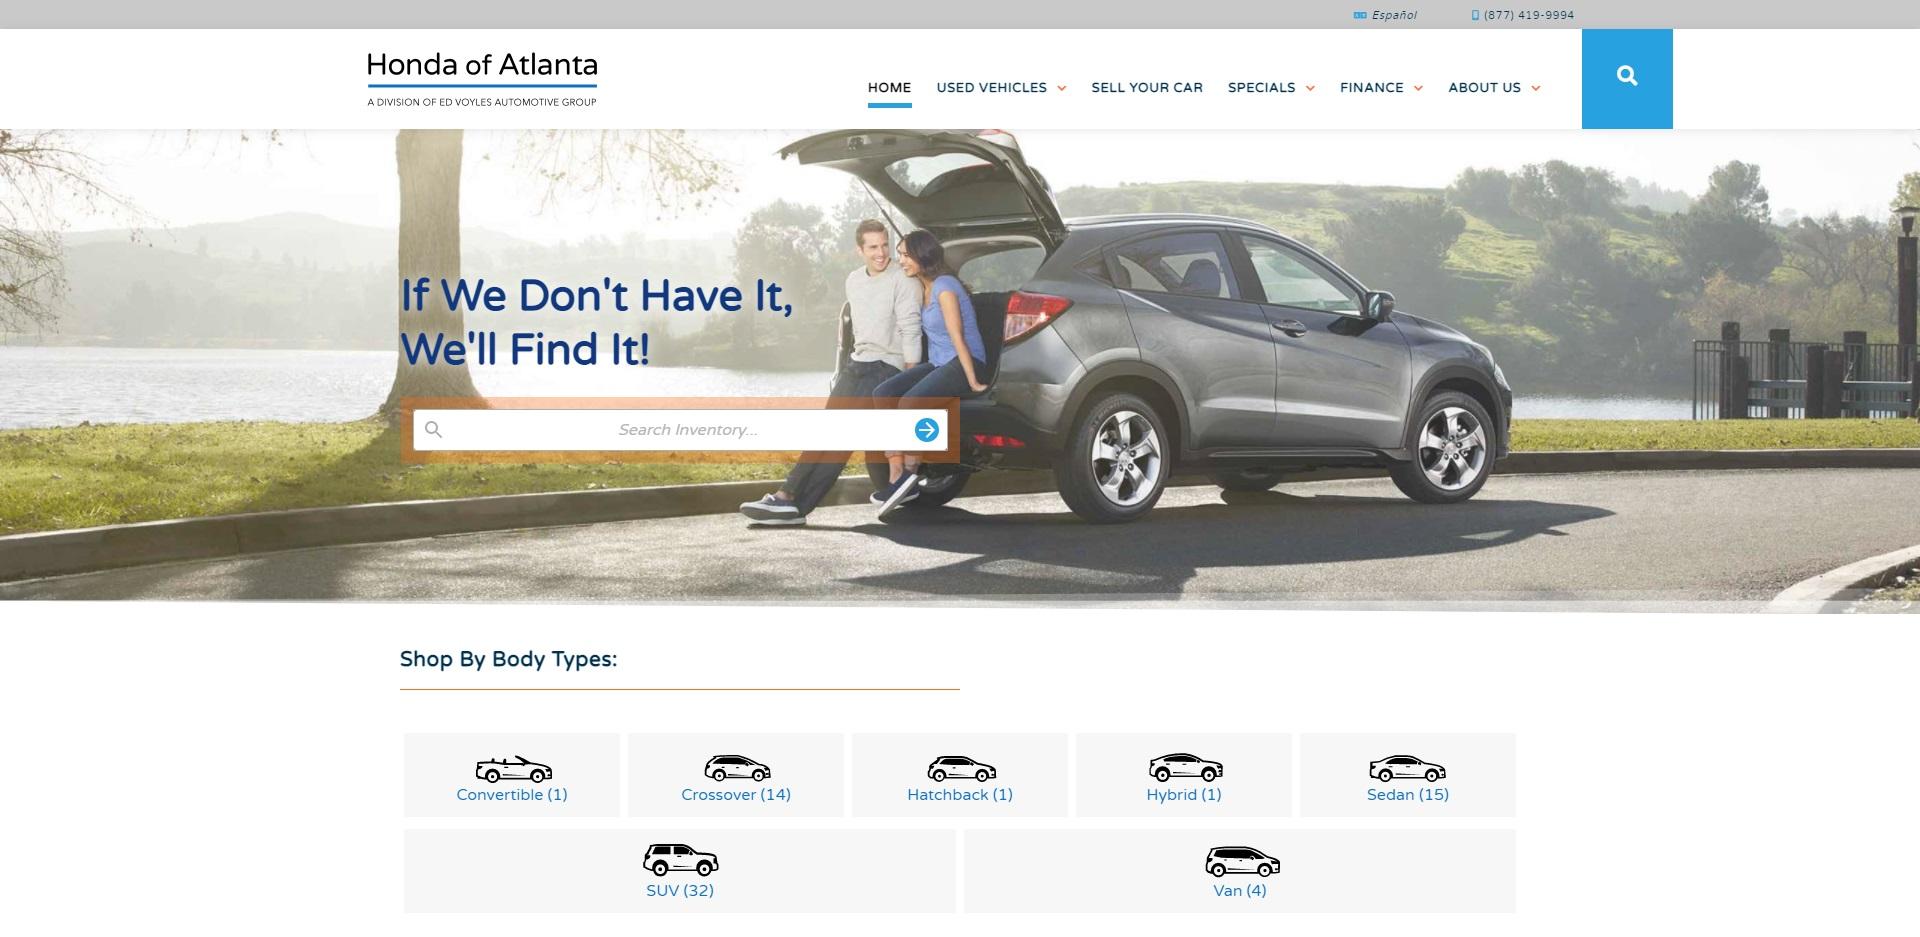 The Best Honda Dealers in Atlanta, GA